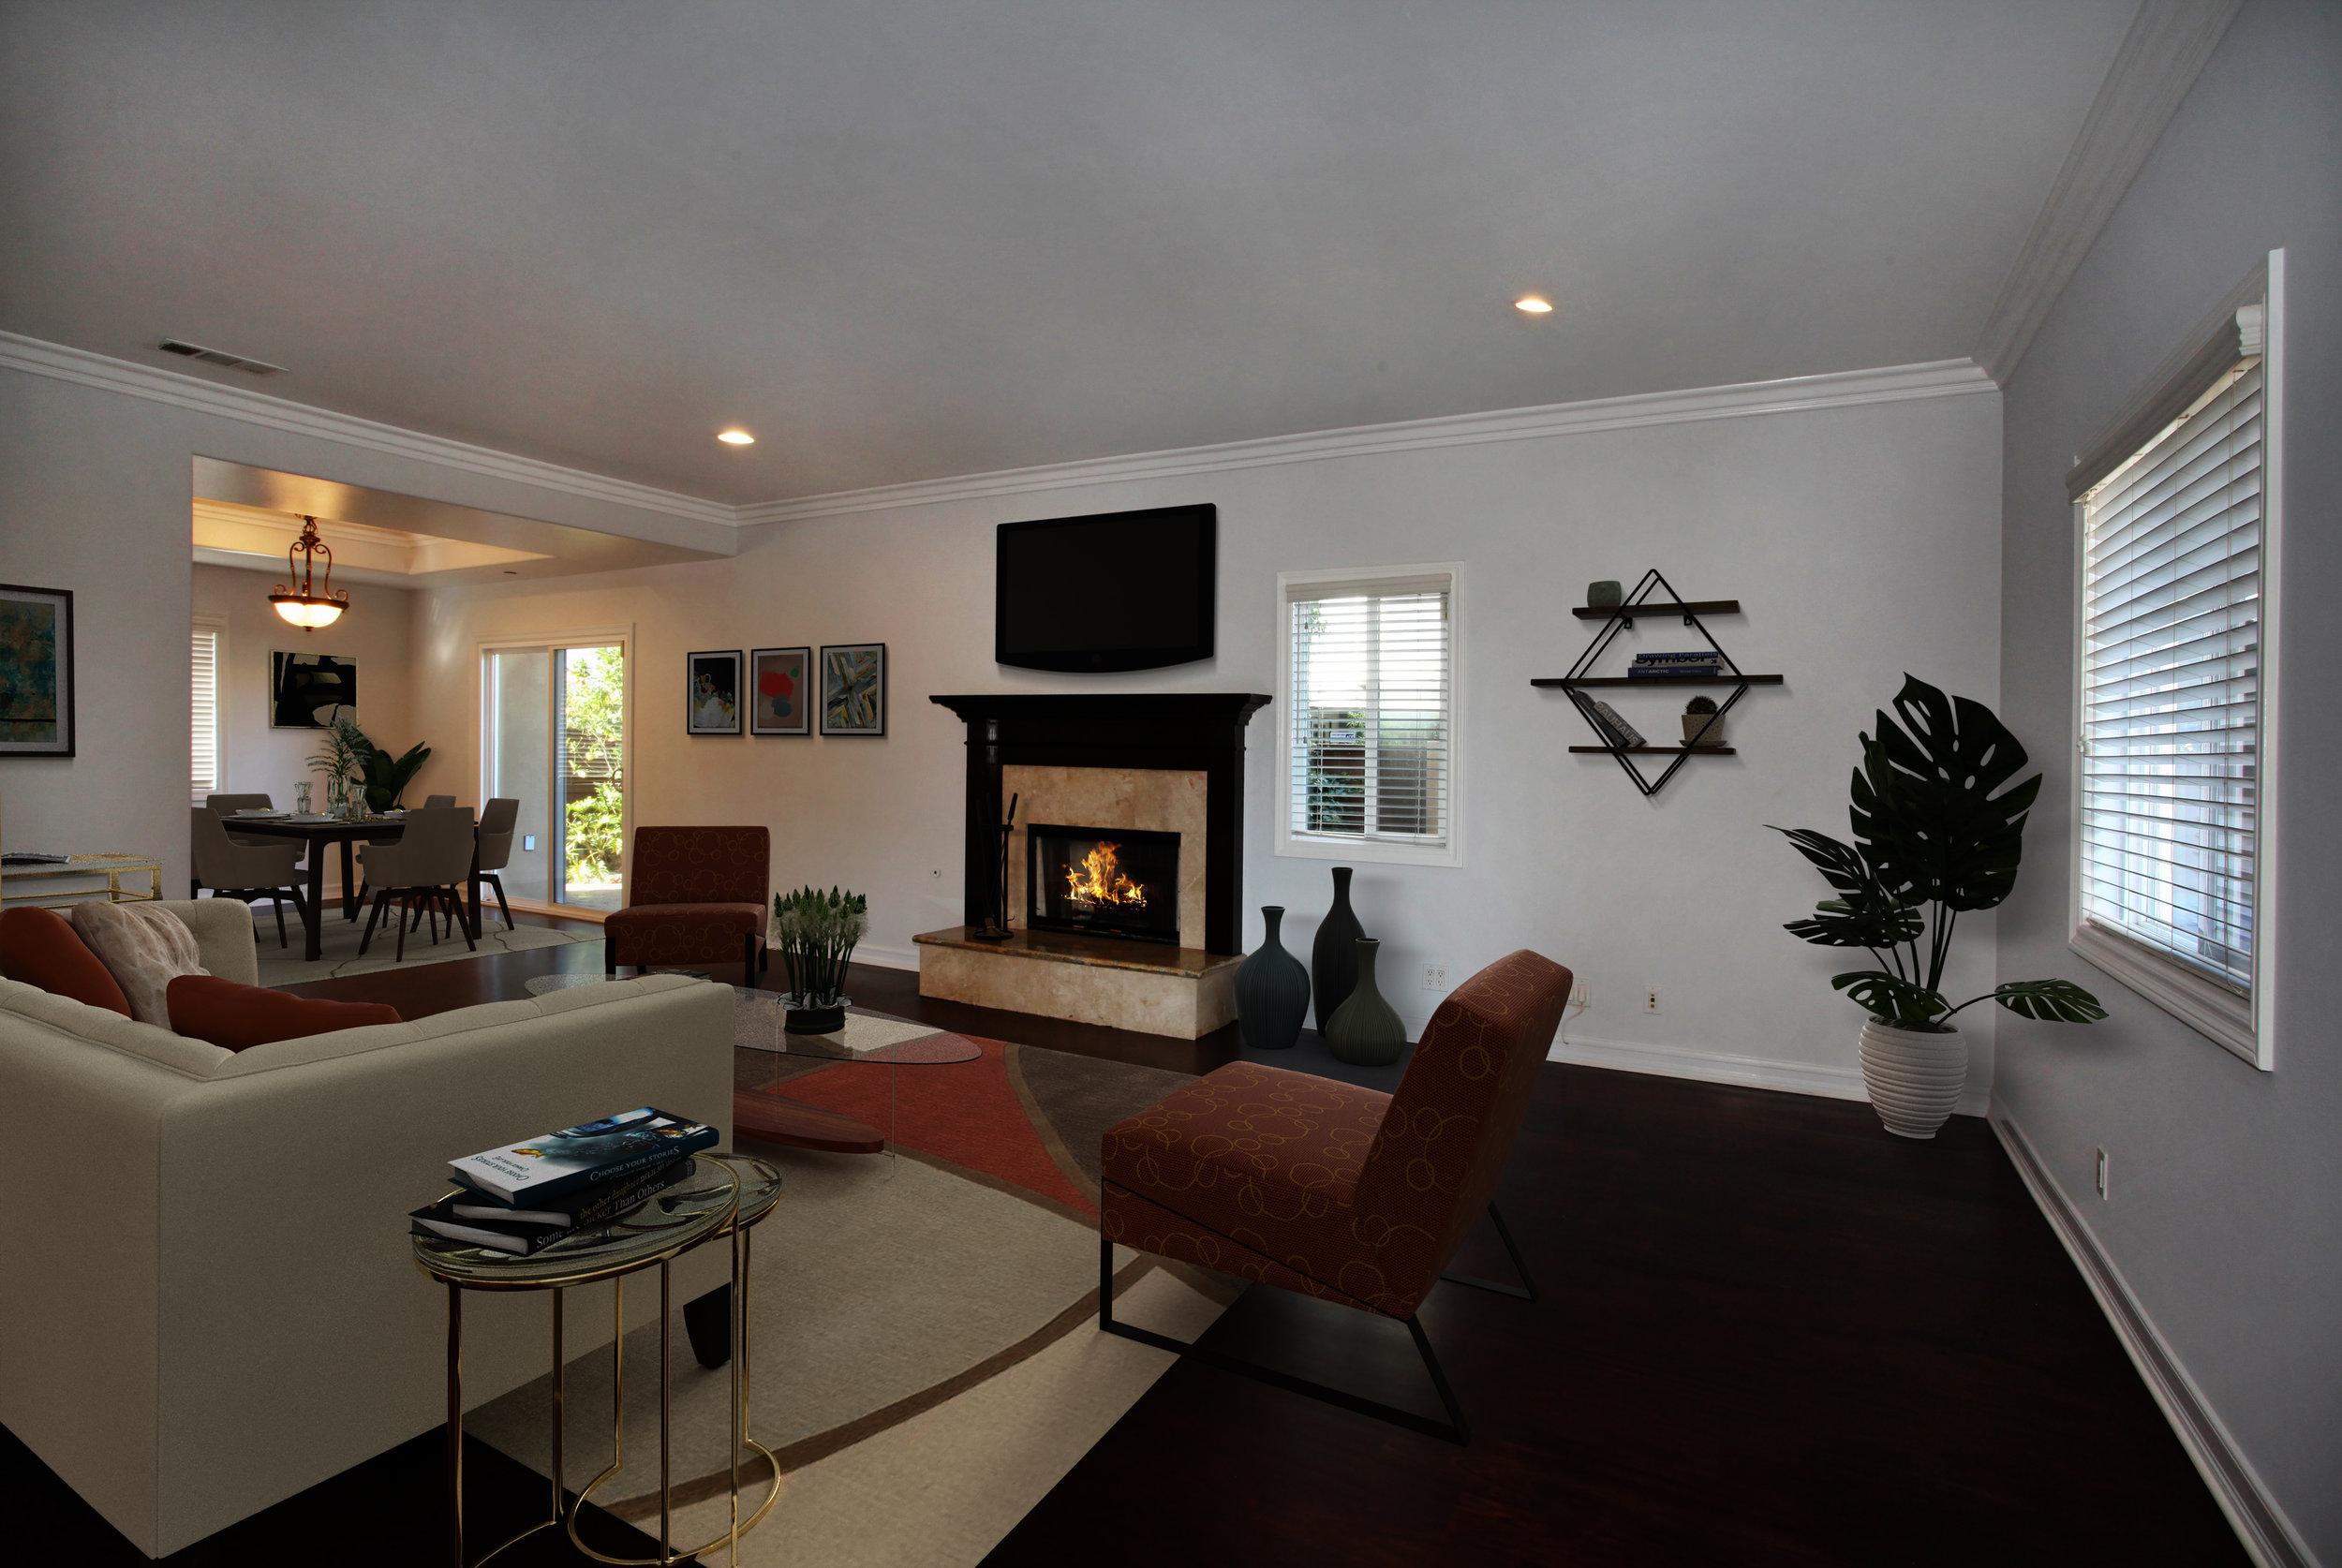 Bataan-Livingroom-1-Current-View.jpg